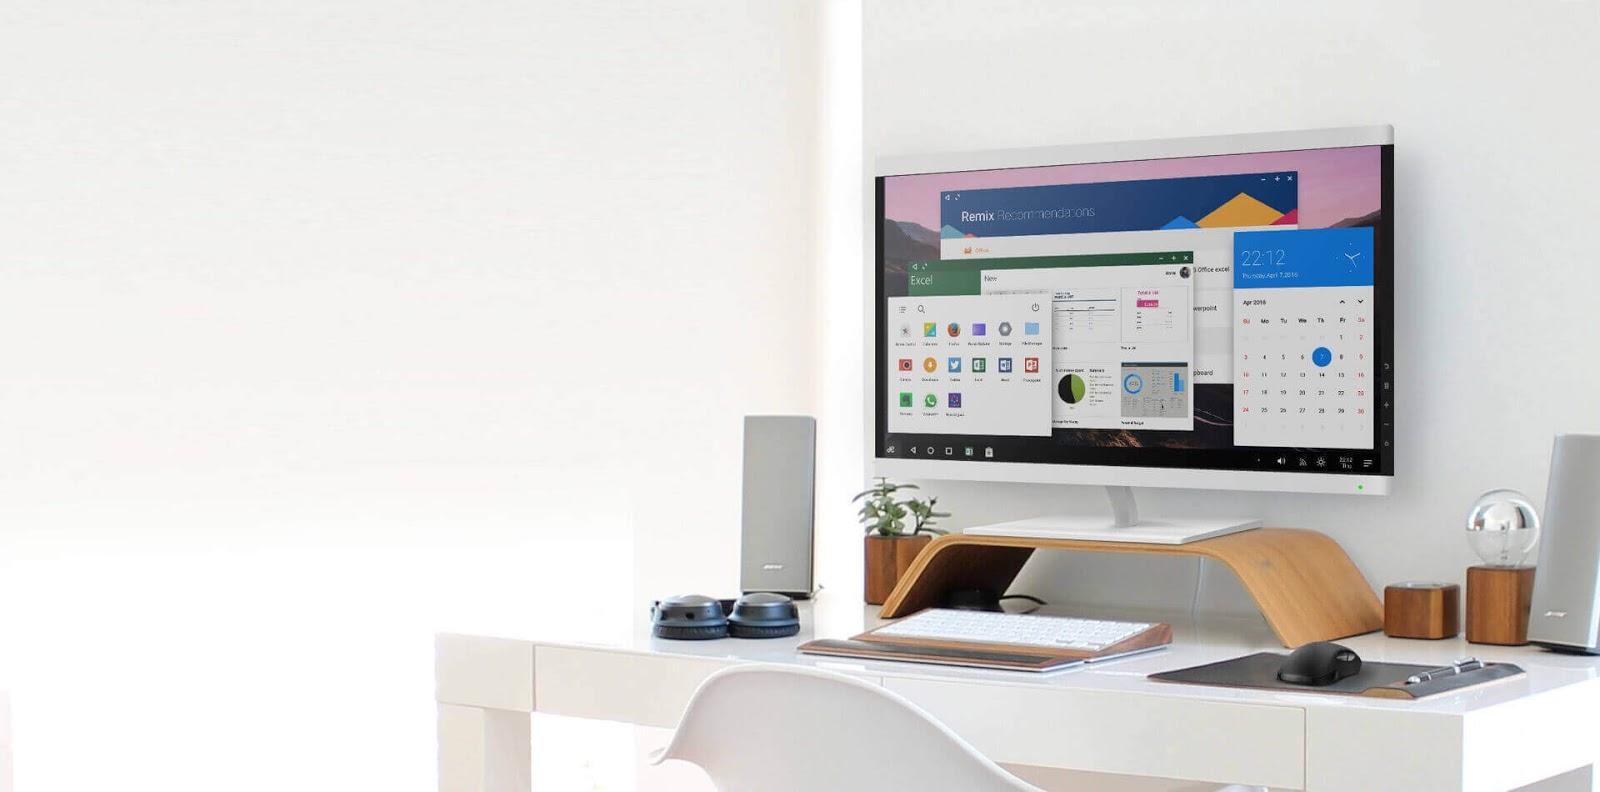 نظام Remix OS هو افضل محاكي اندرويد لالعاب الهاتف على الكمبيوتر